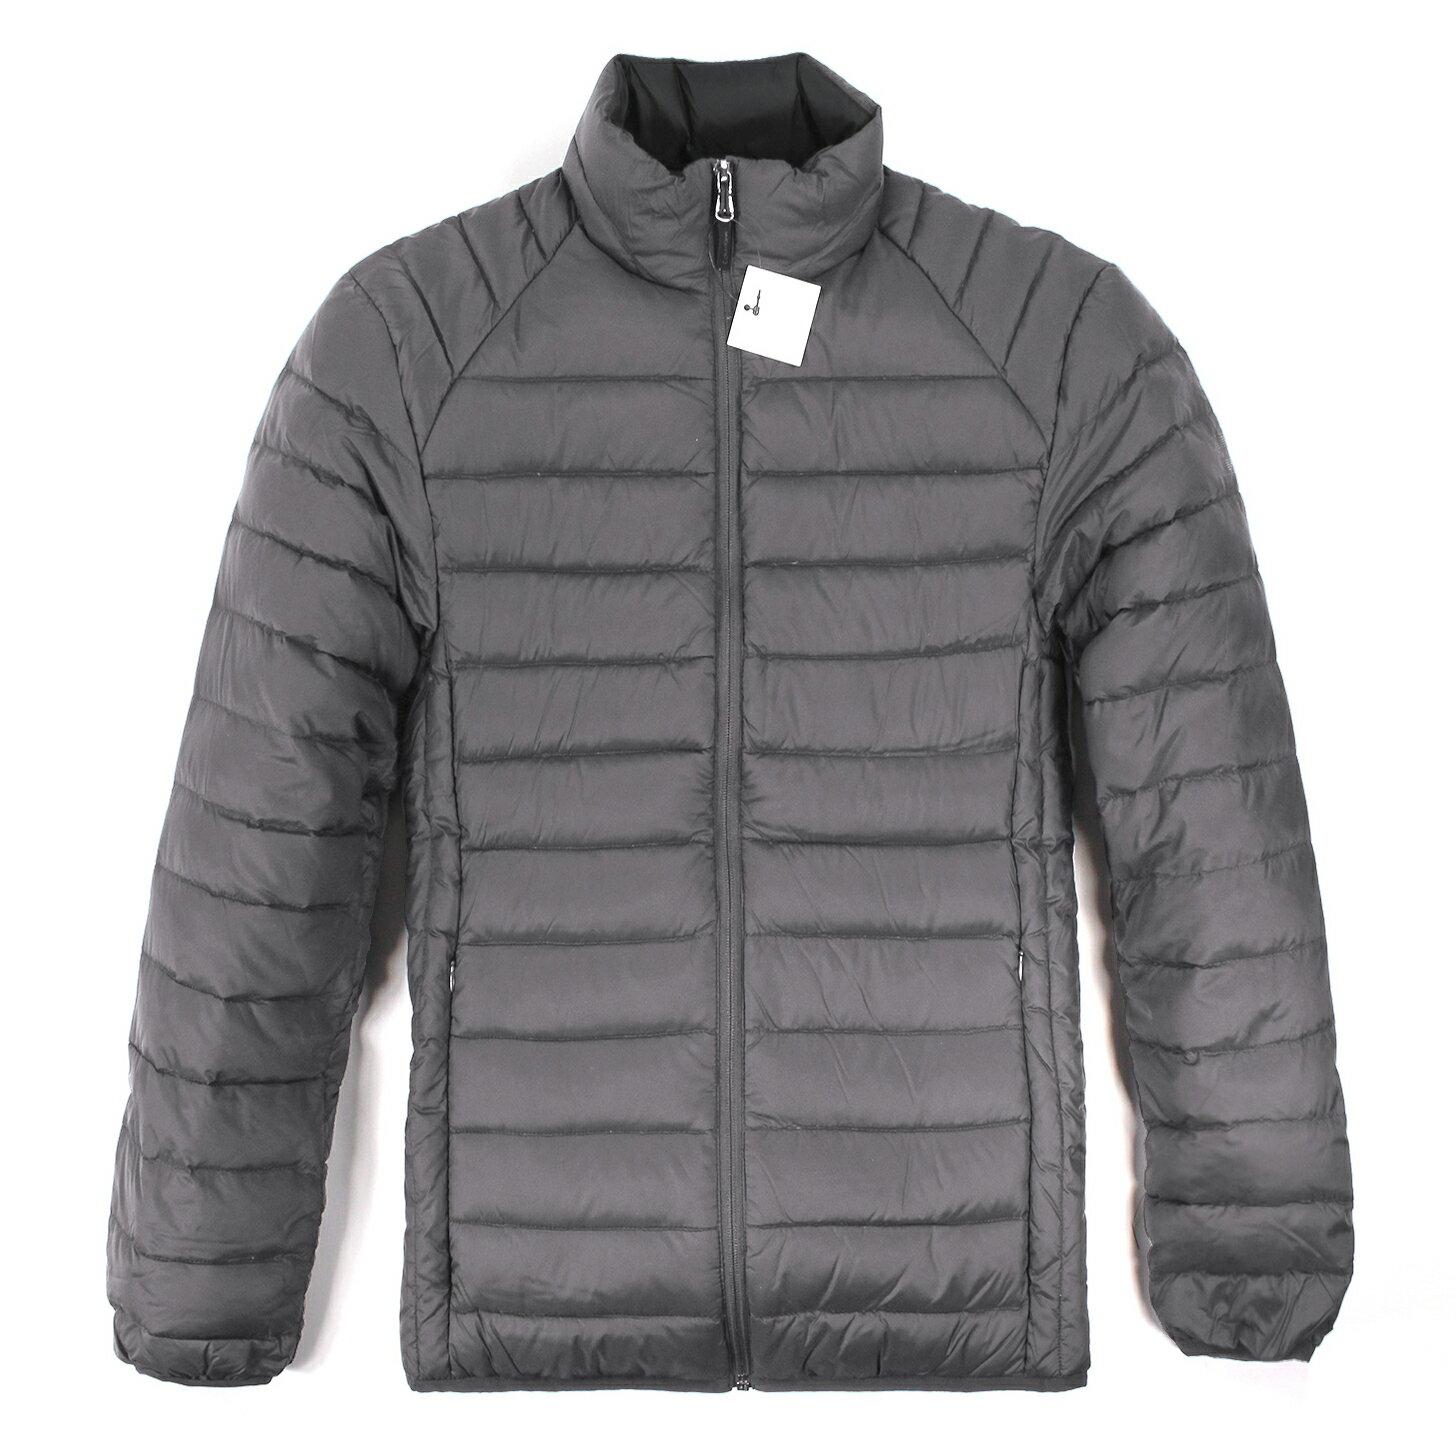 美國百分百【全新真品】Calvin Klein CK 男 輕量 保暖 羽絨 外套 夾克 外衣 灰色 S M號 E434